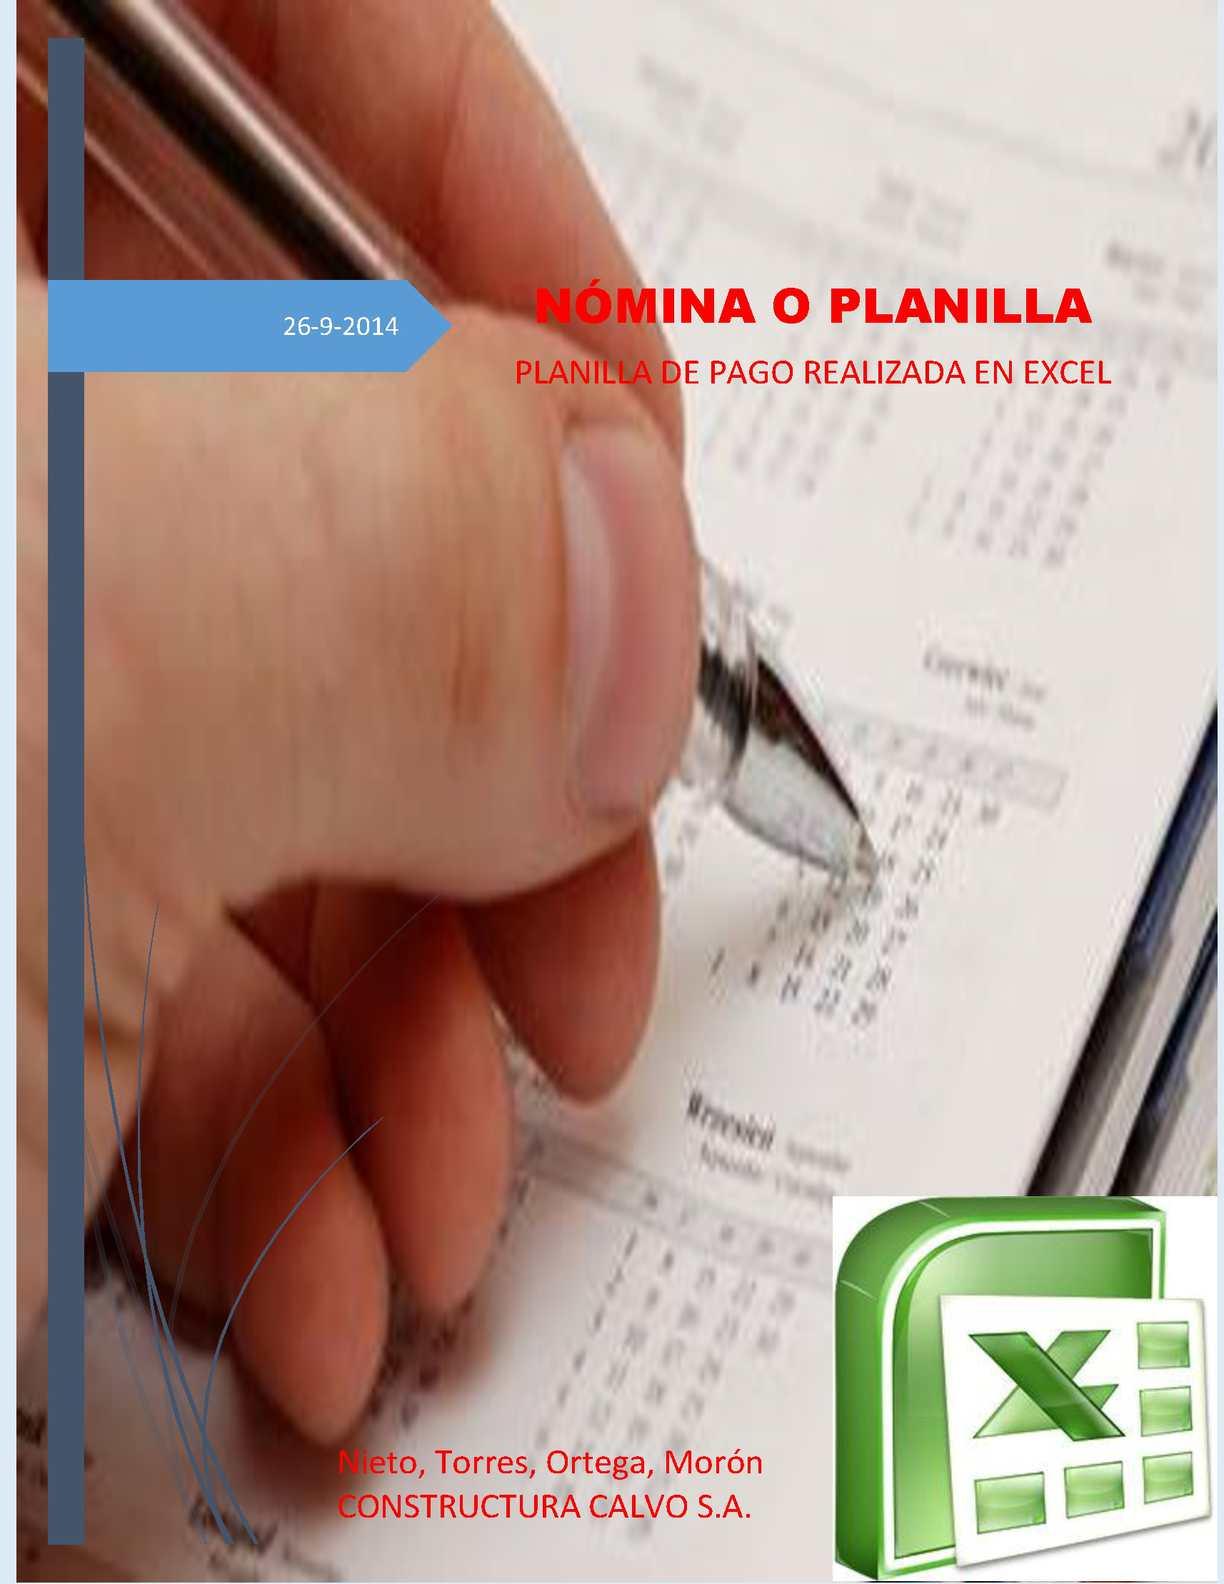 Planilla de Pago o Nomina en Excel